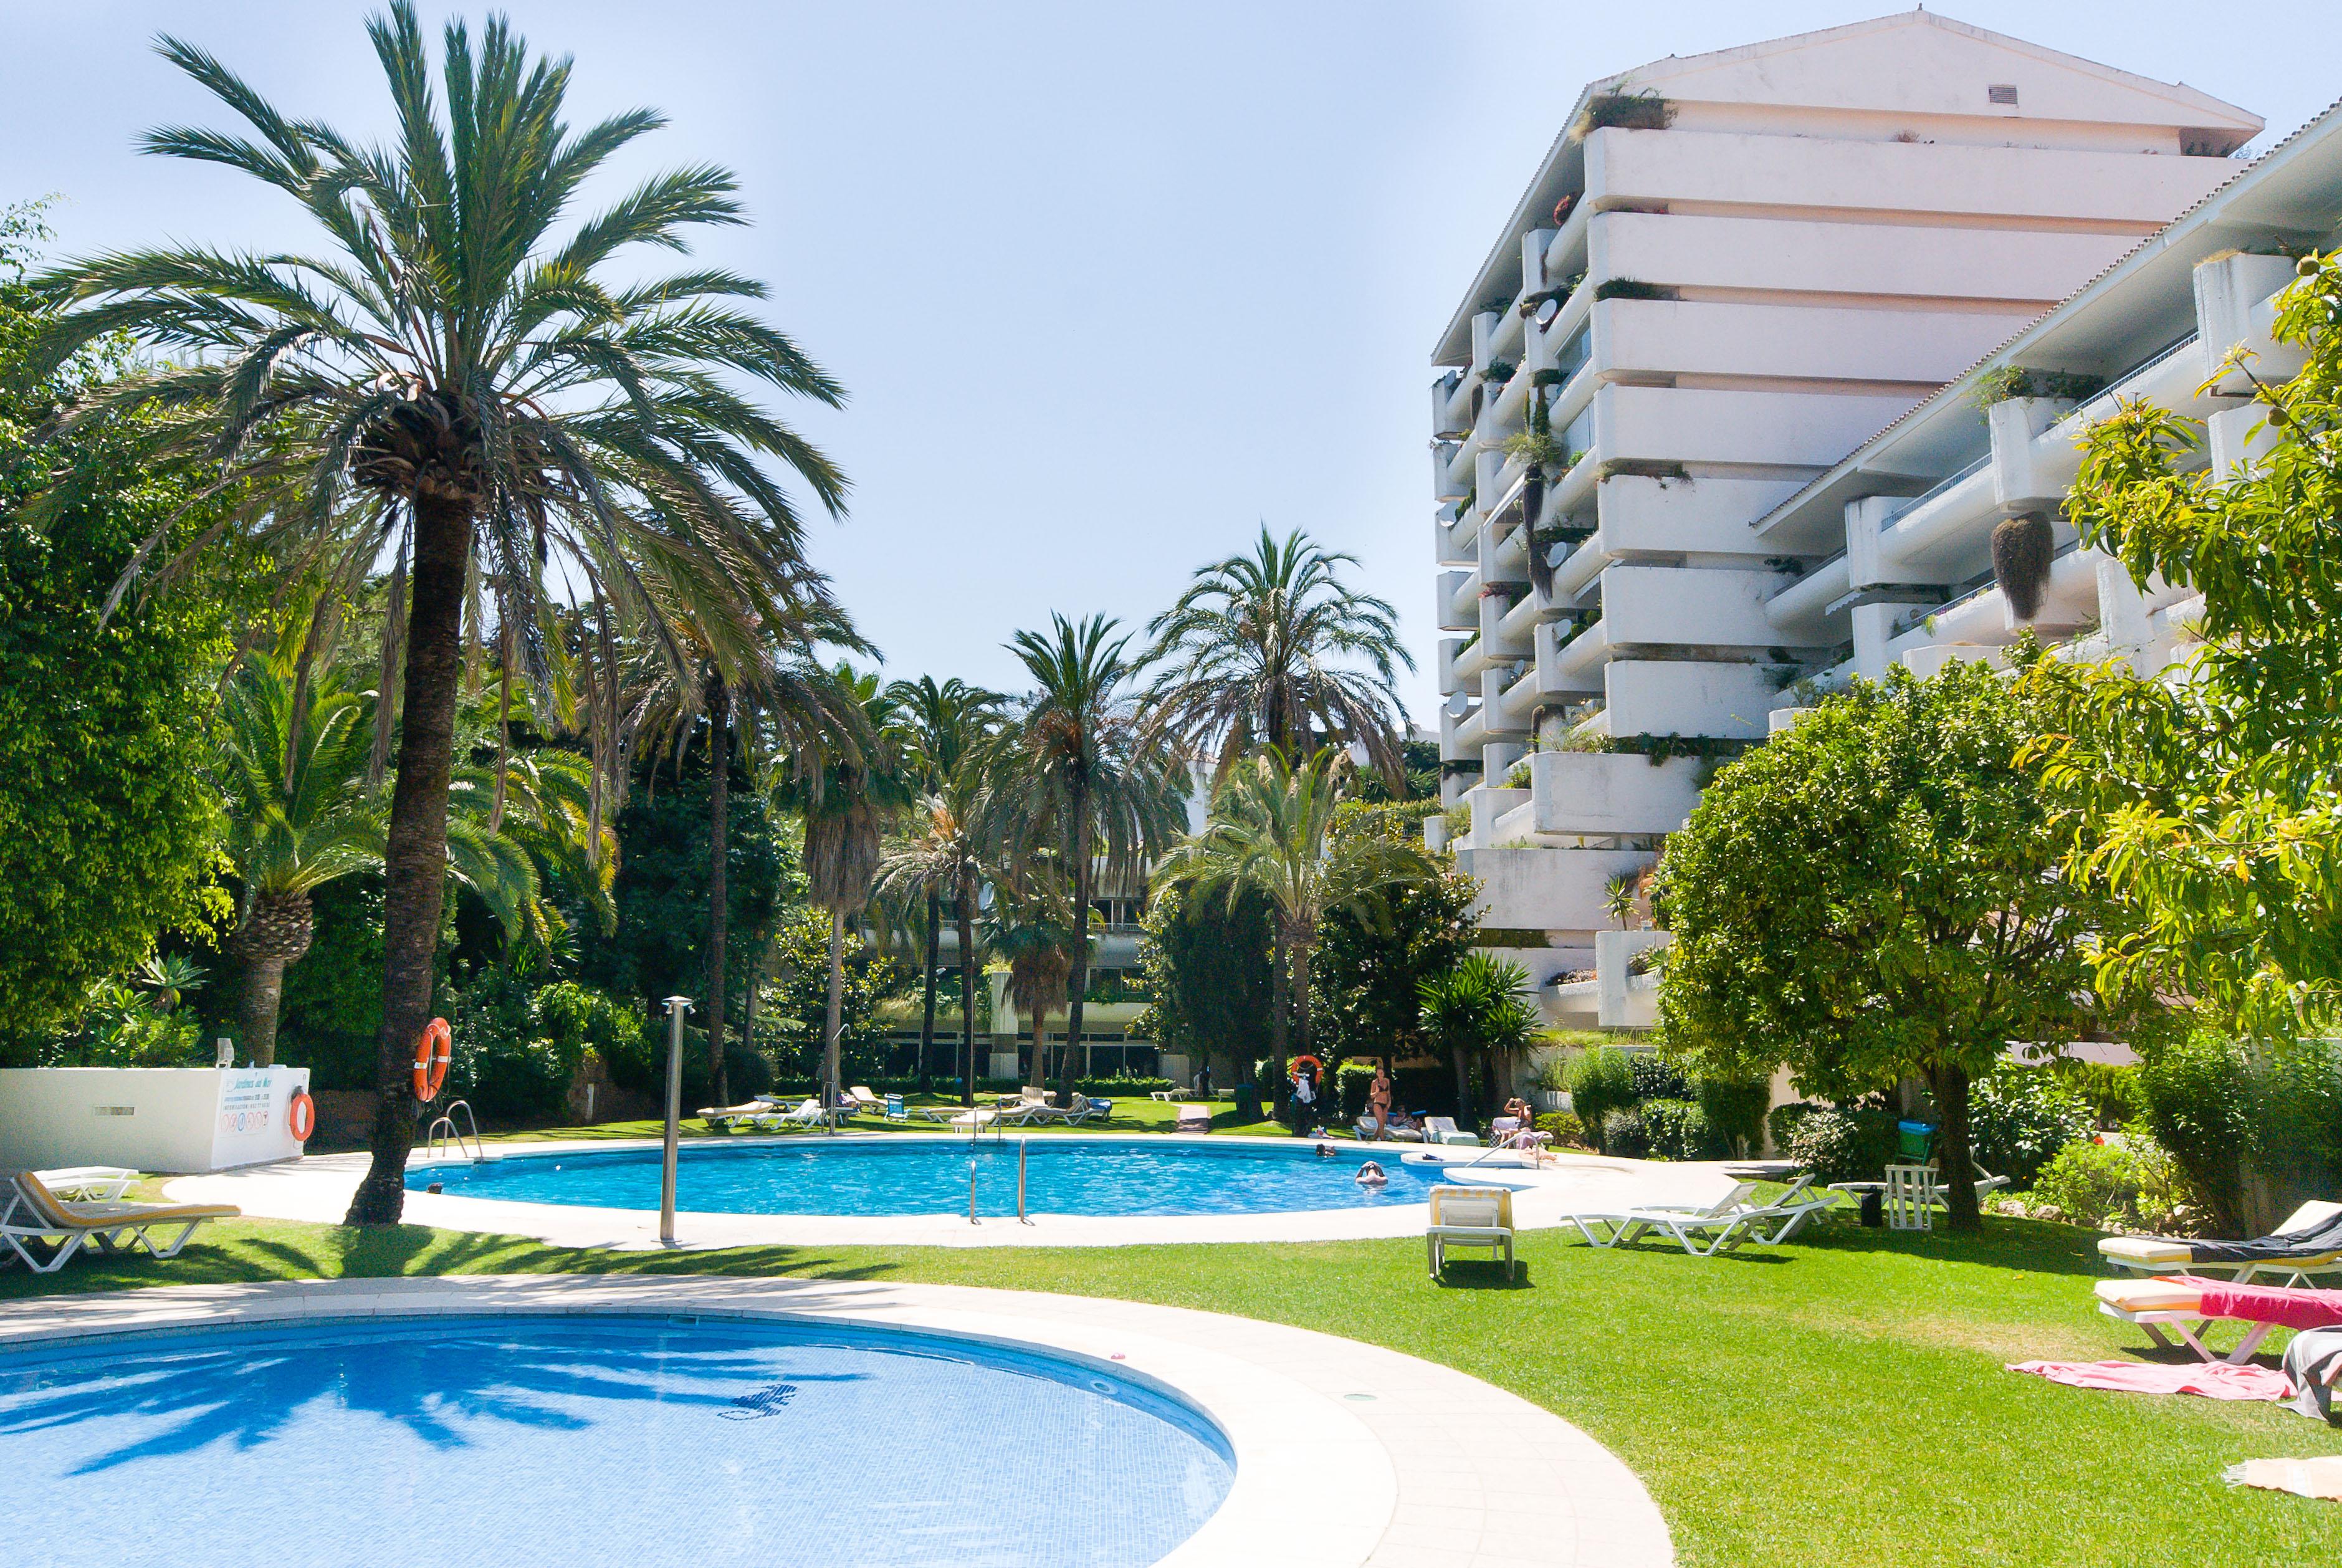 Apartamento jardines del mar 01 in marbella espa a es5720 for Apartamentos jardines del mar